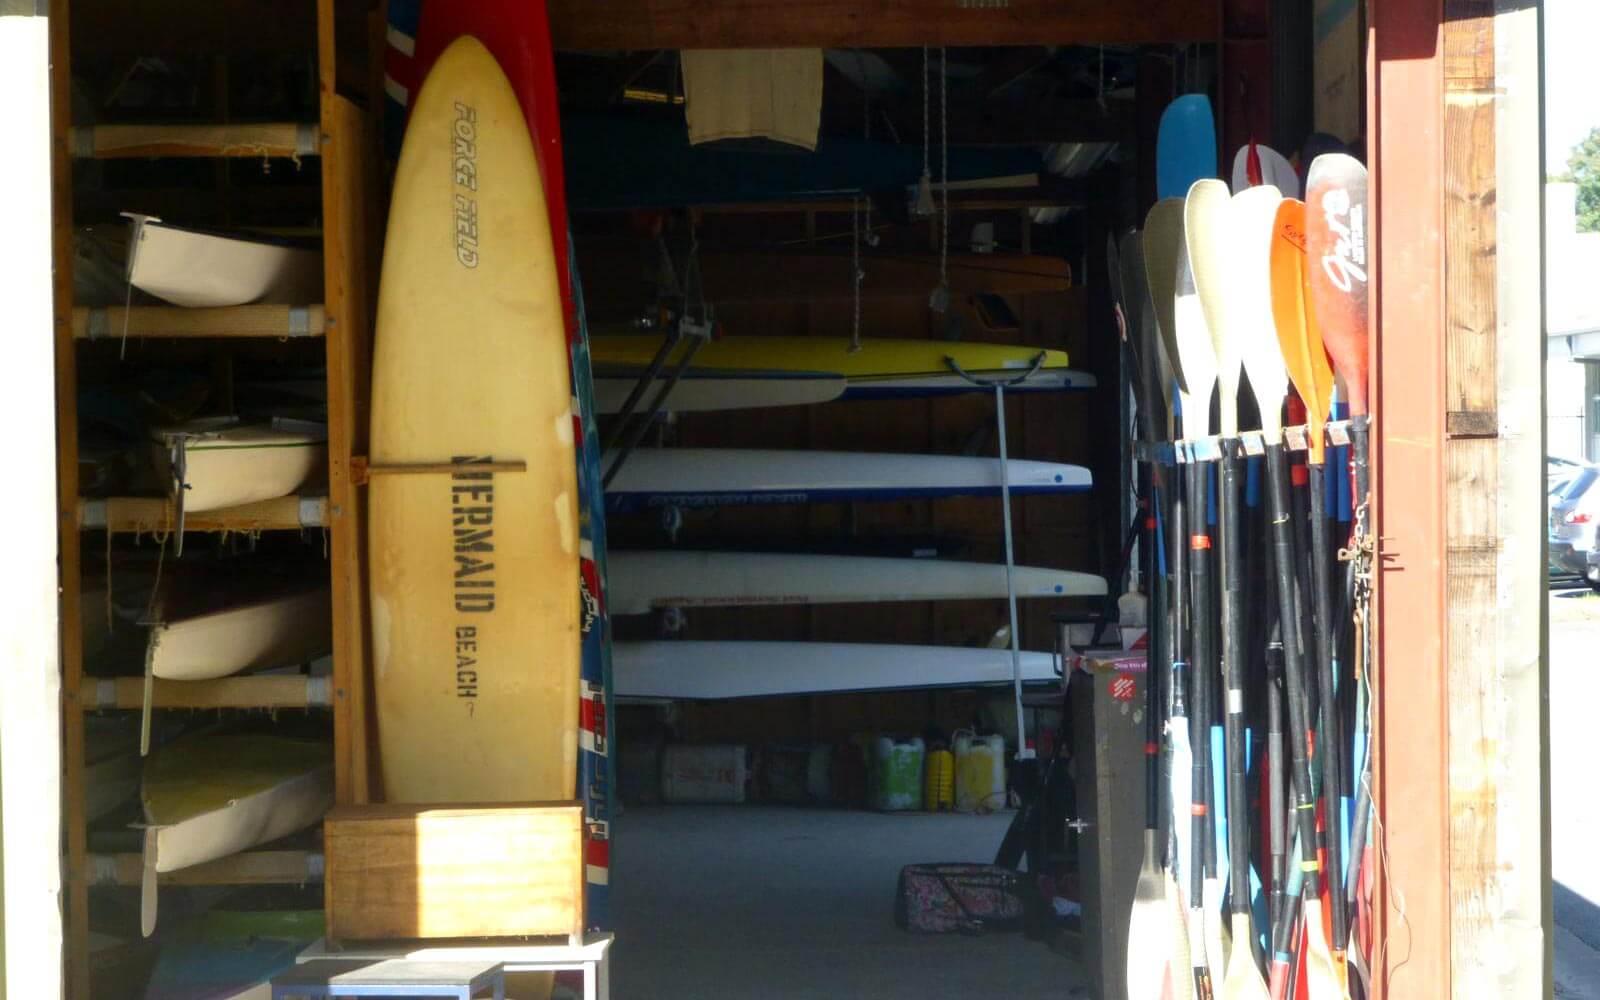 Surfzubehör in einem Schuppen